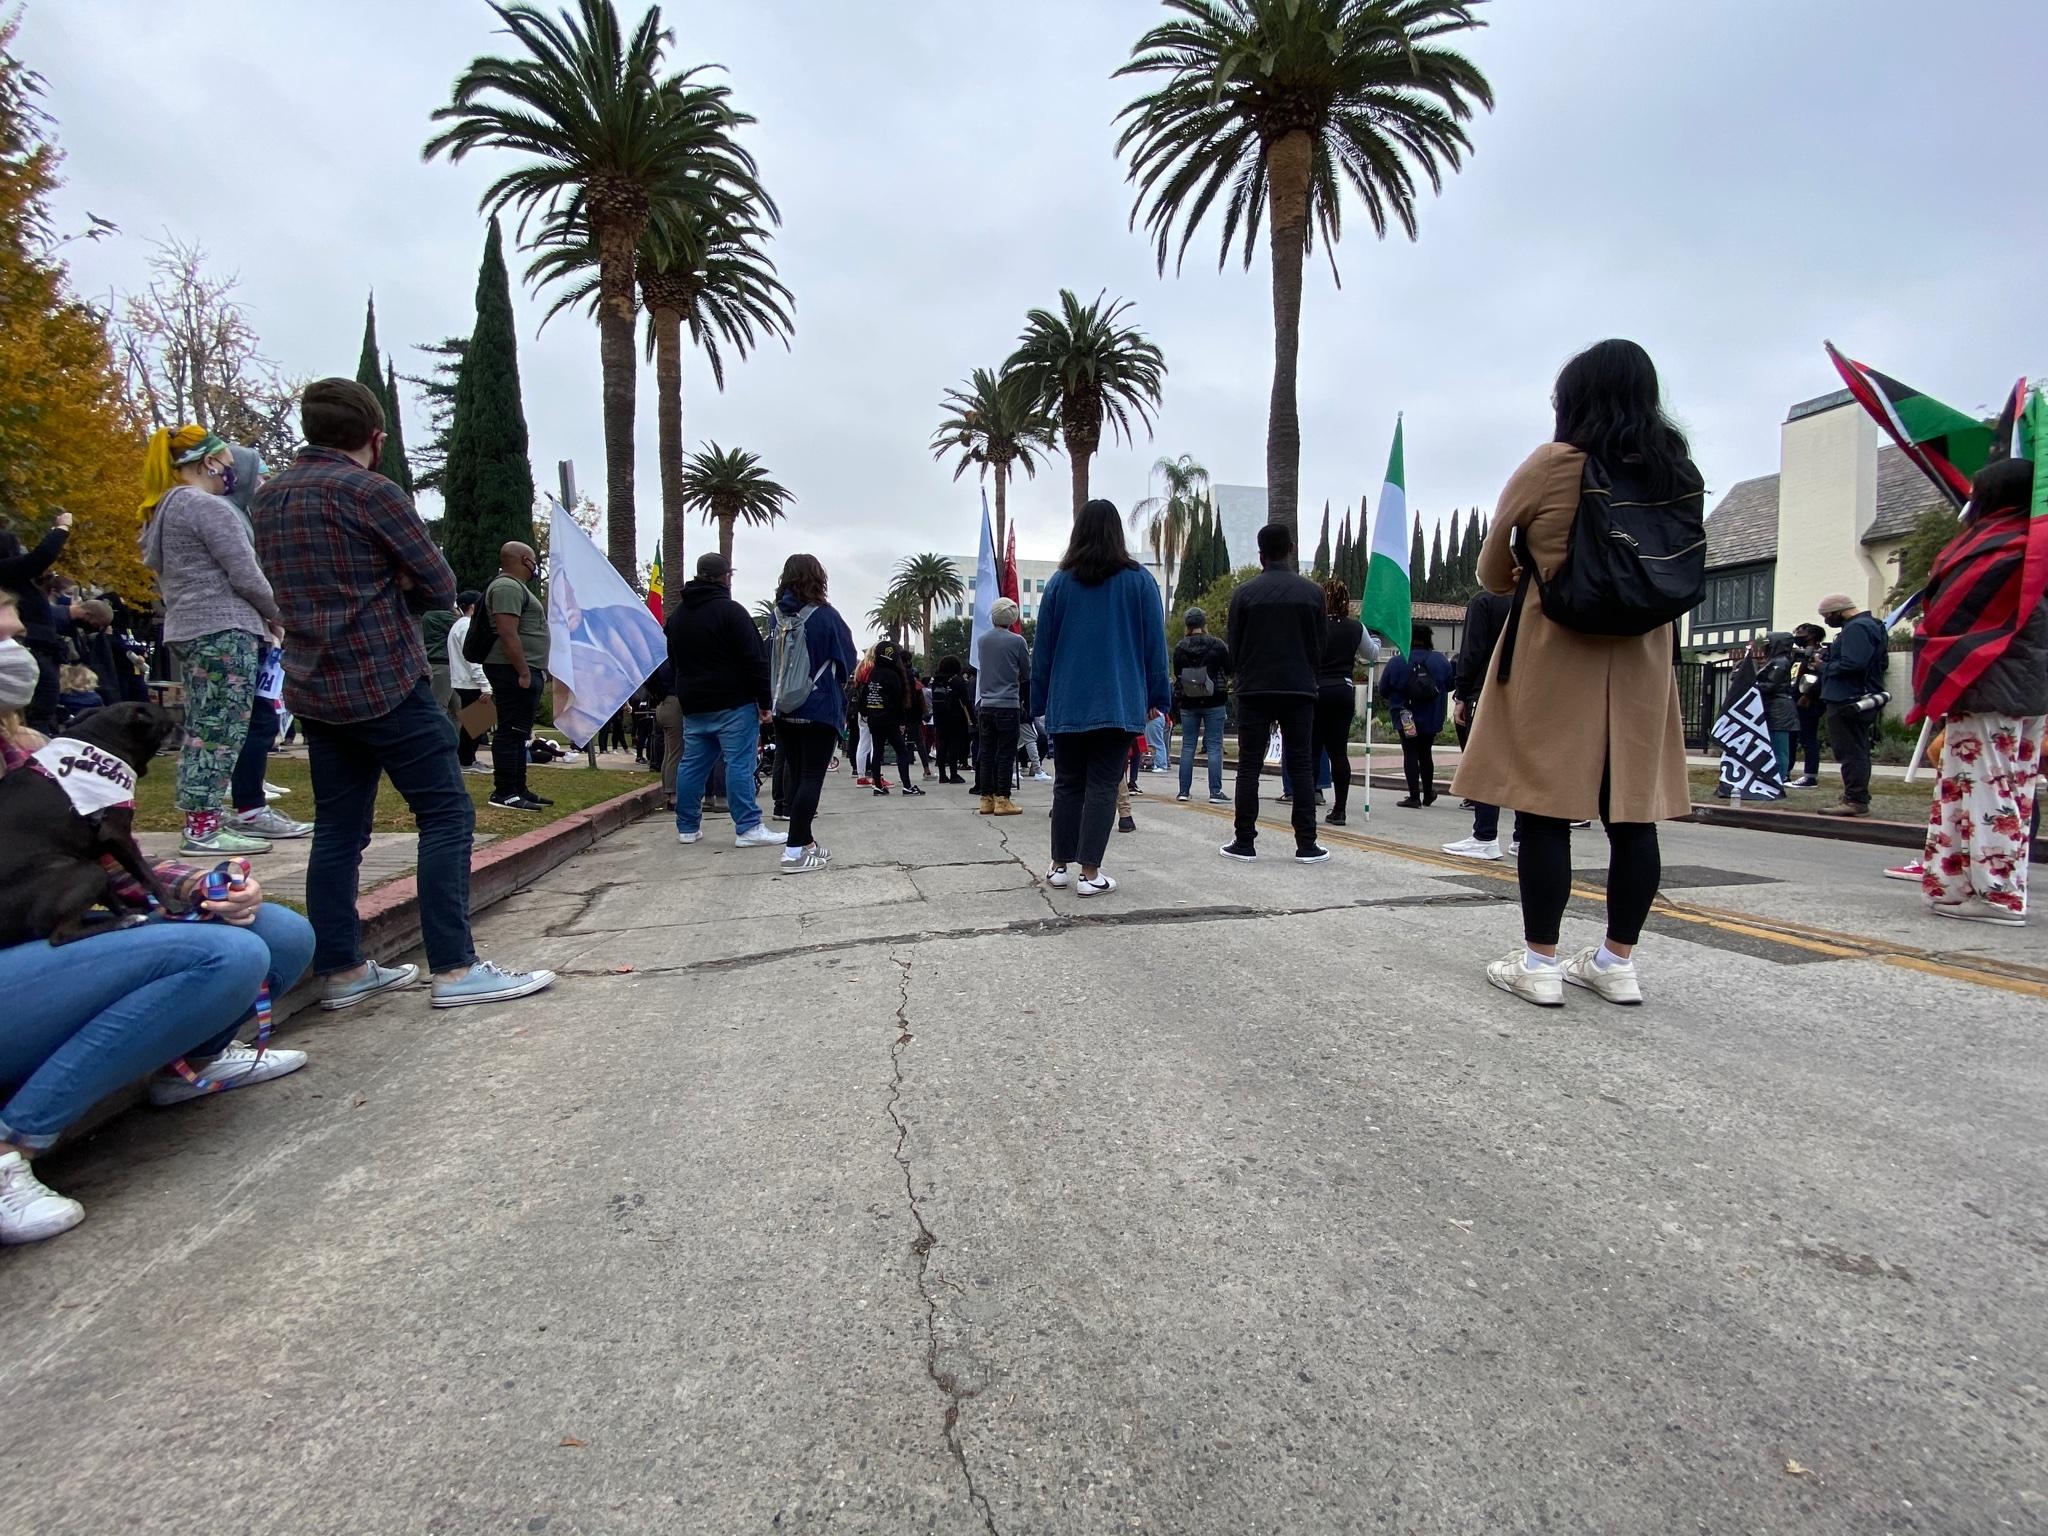 Protesters in LA Continue Block Garcetti Protests Through Day 19